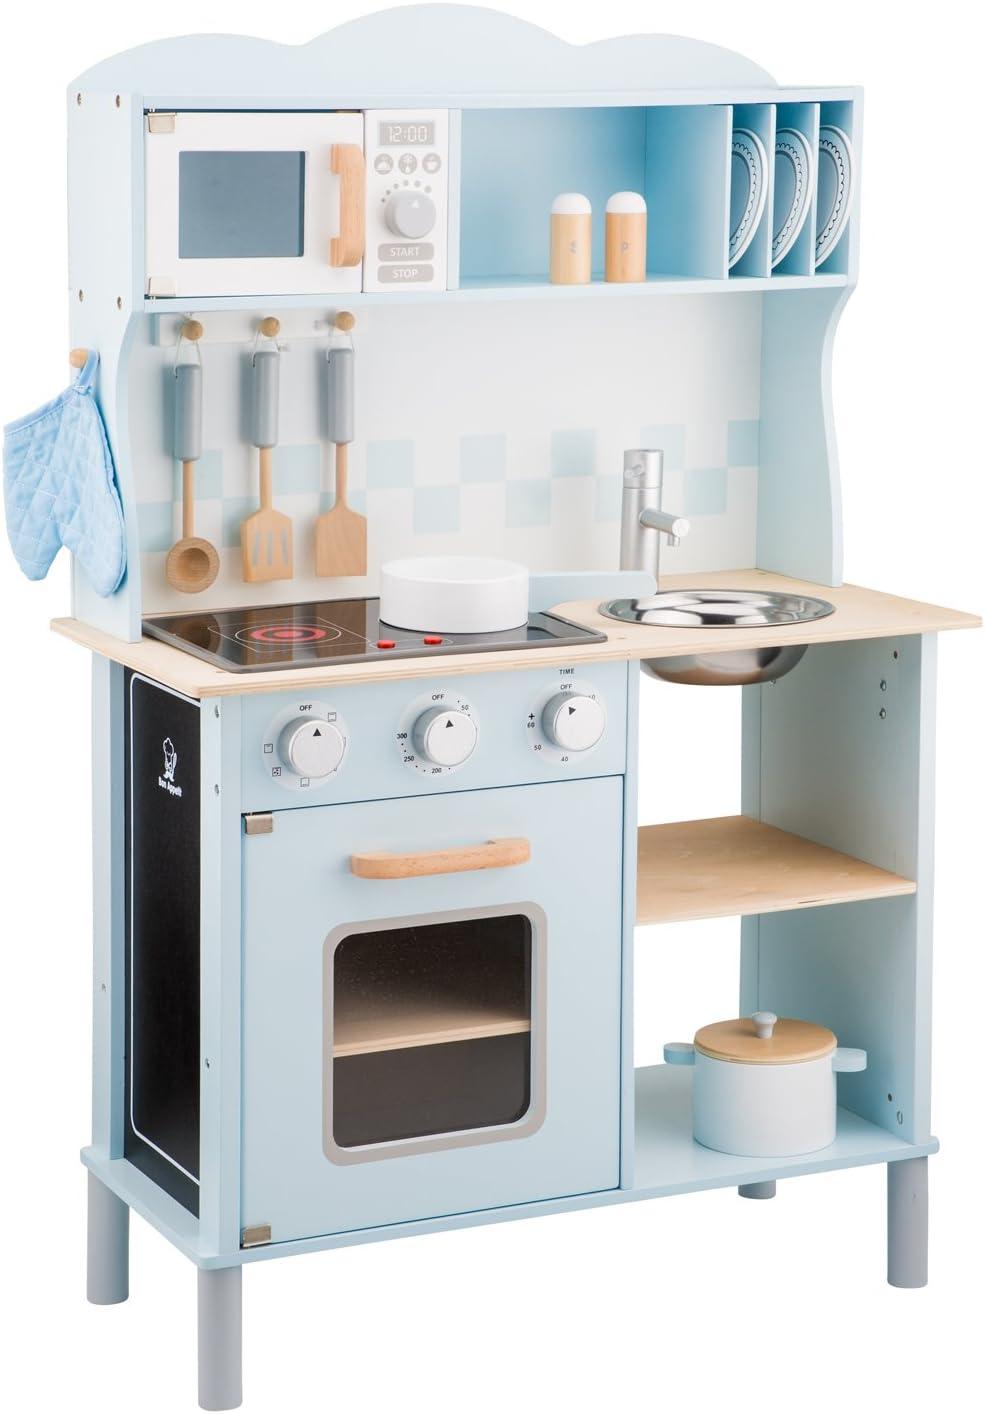 Kinderholzküchen mit Funktionen - New Classic Toys Spielküche mit leuchtenden KOchplatten - New Classic Toys Kinderküche Modern mit Kochfeld